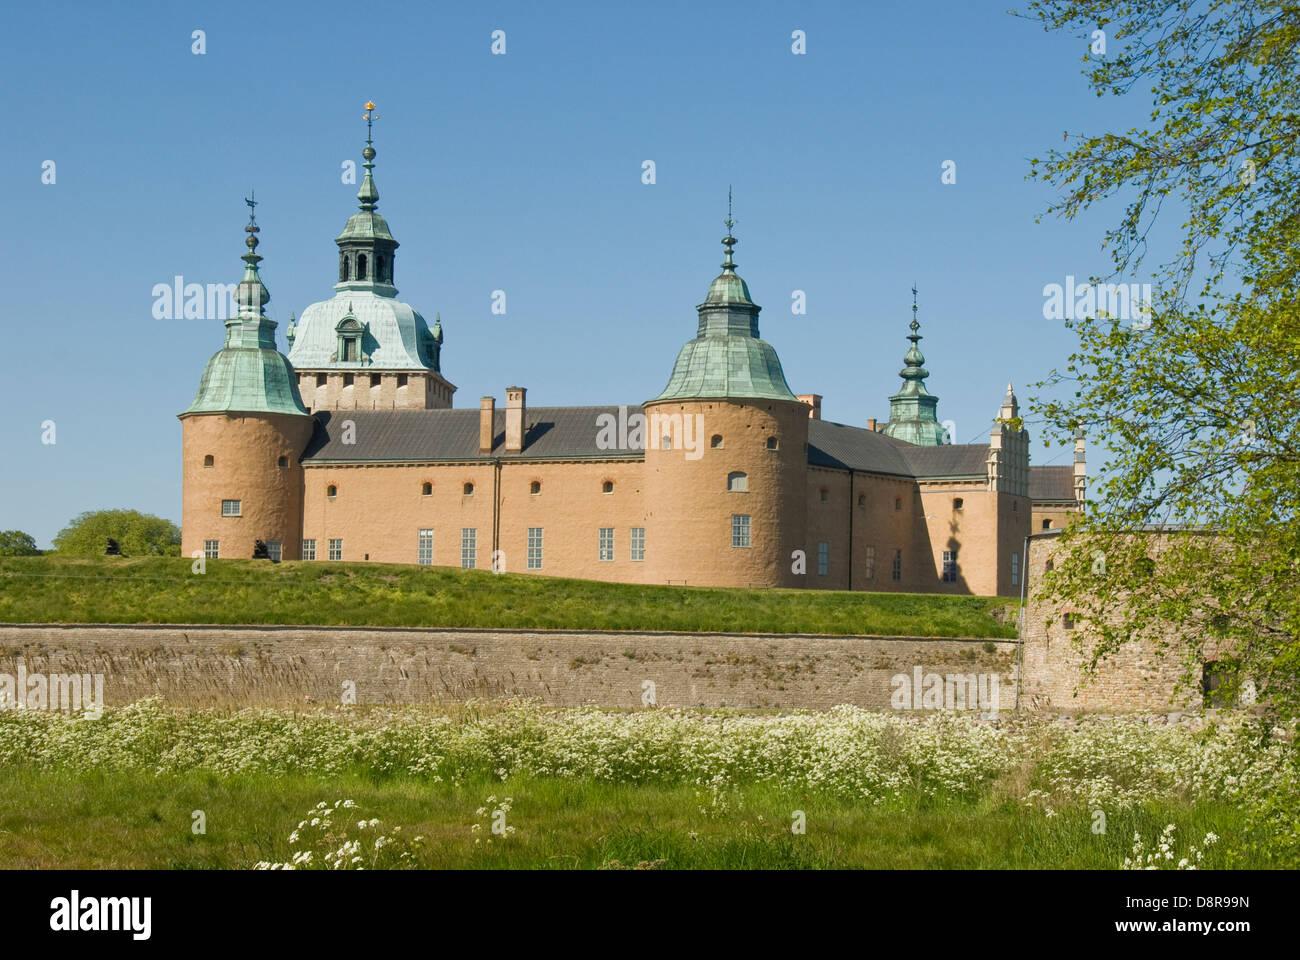 Kalmar Slot, Kalmar, Sweden - Stock Image